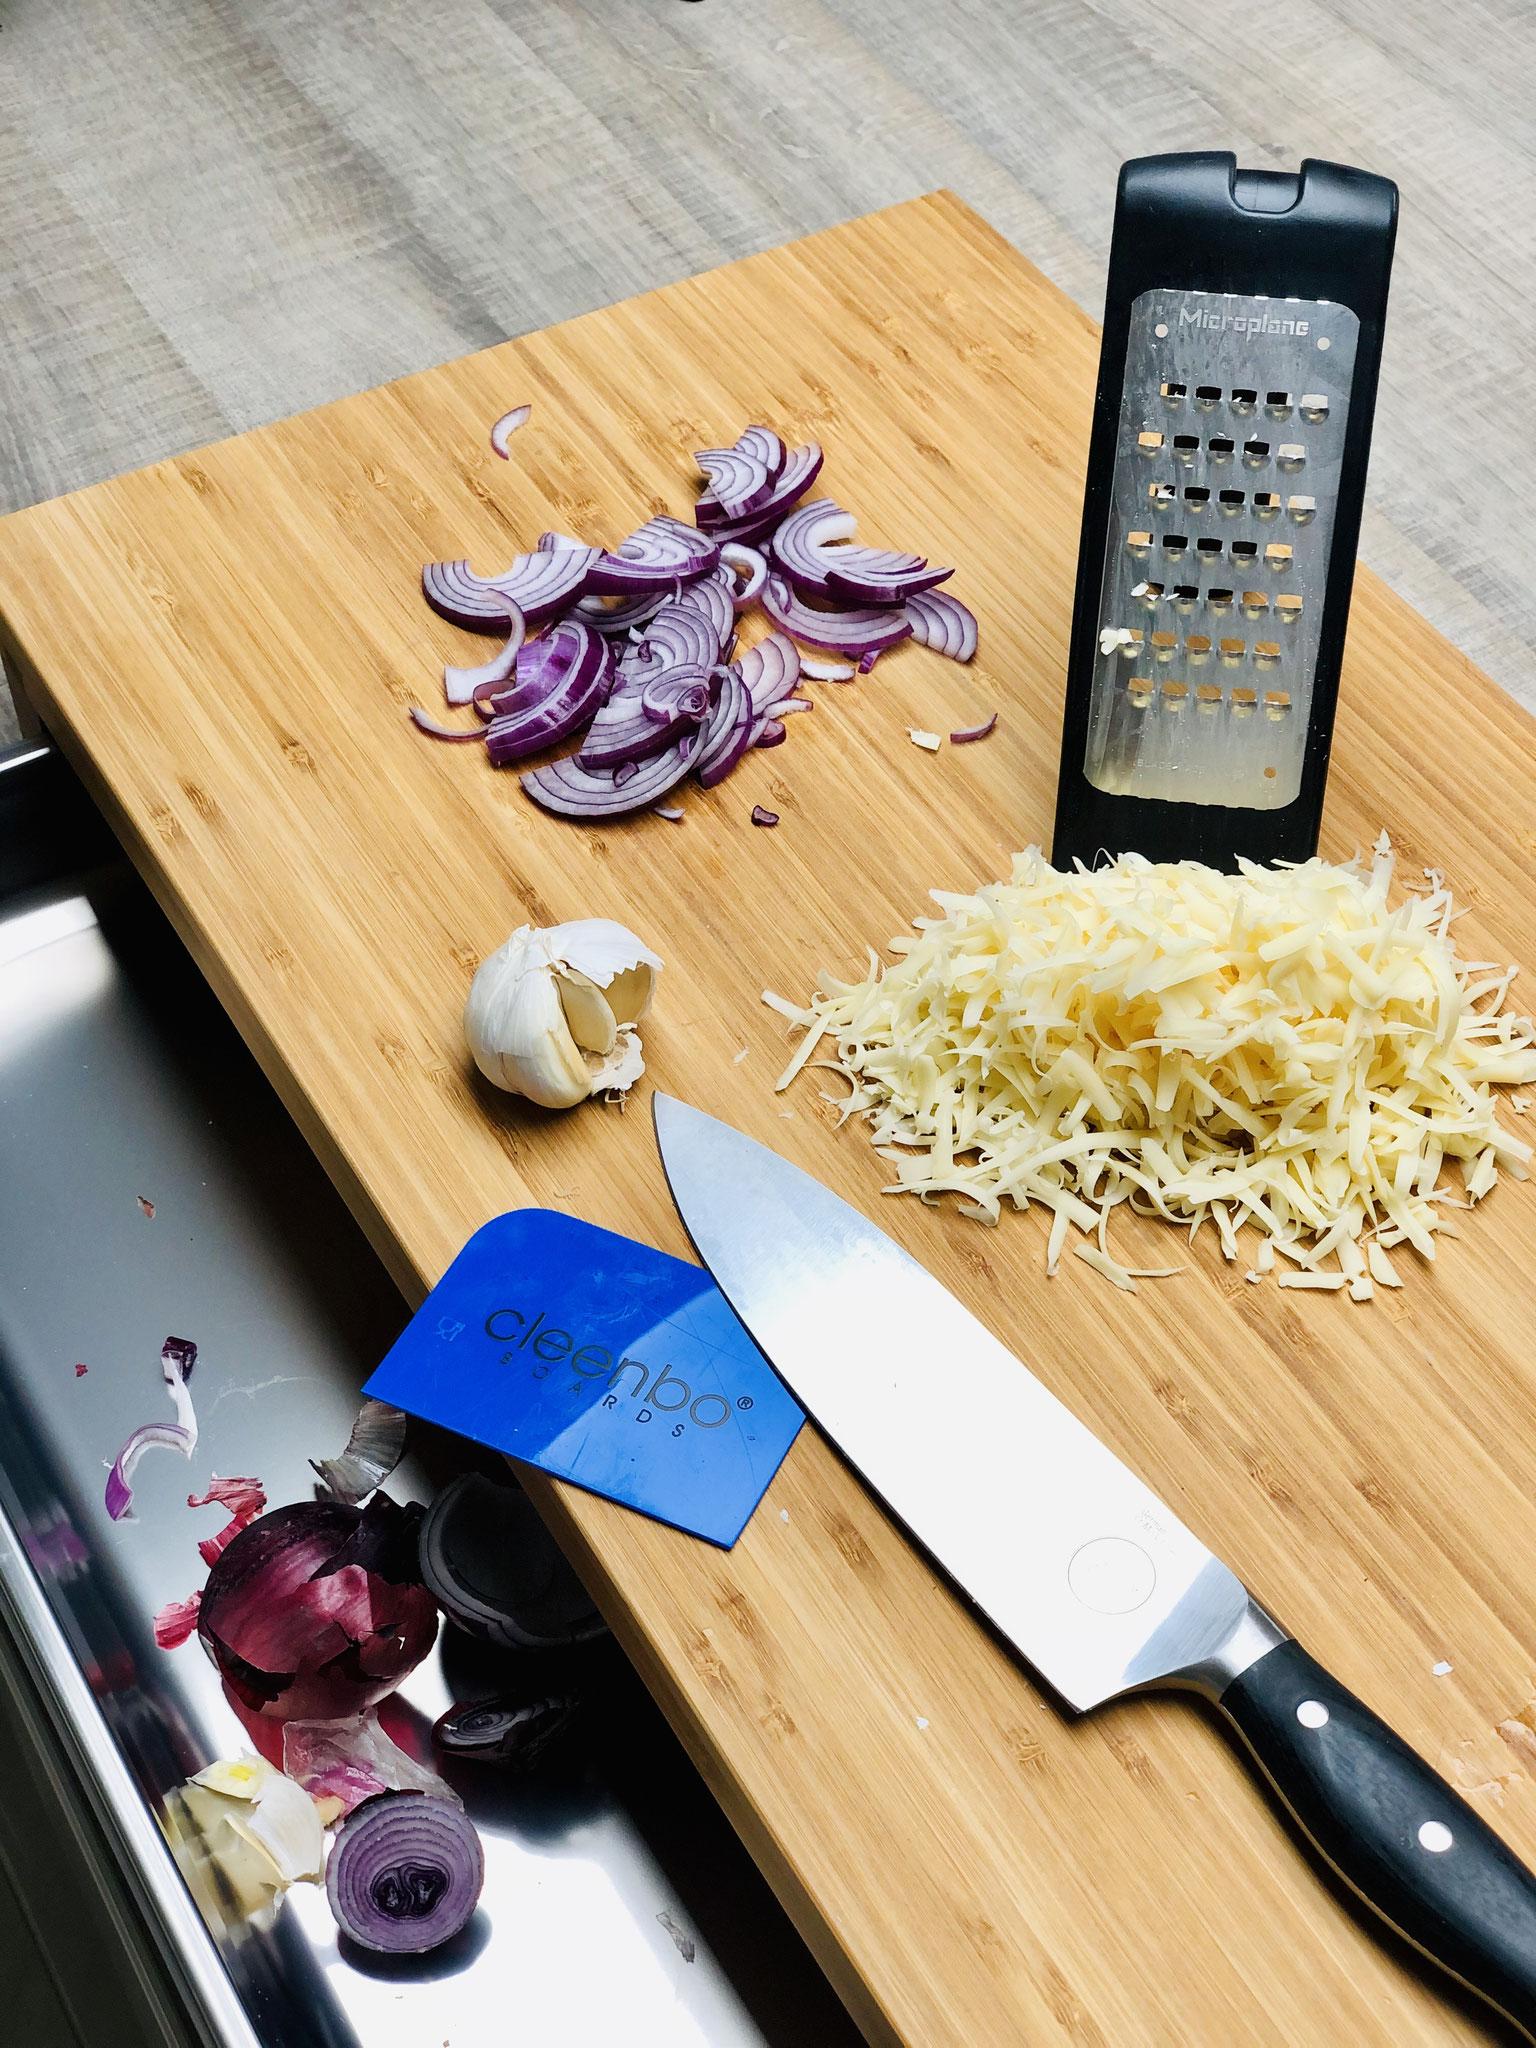 Für deine Pizza schneidet du die Zwiebel mit dem kleinen Küchenhobel. Den Käse reibst du mit der groben Microplane® Reibe...